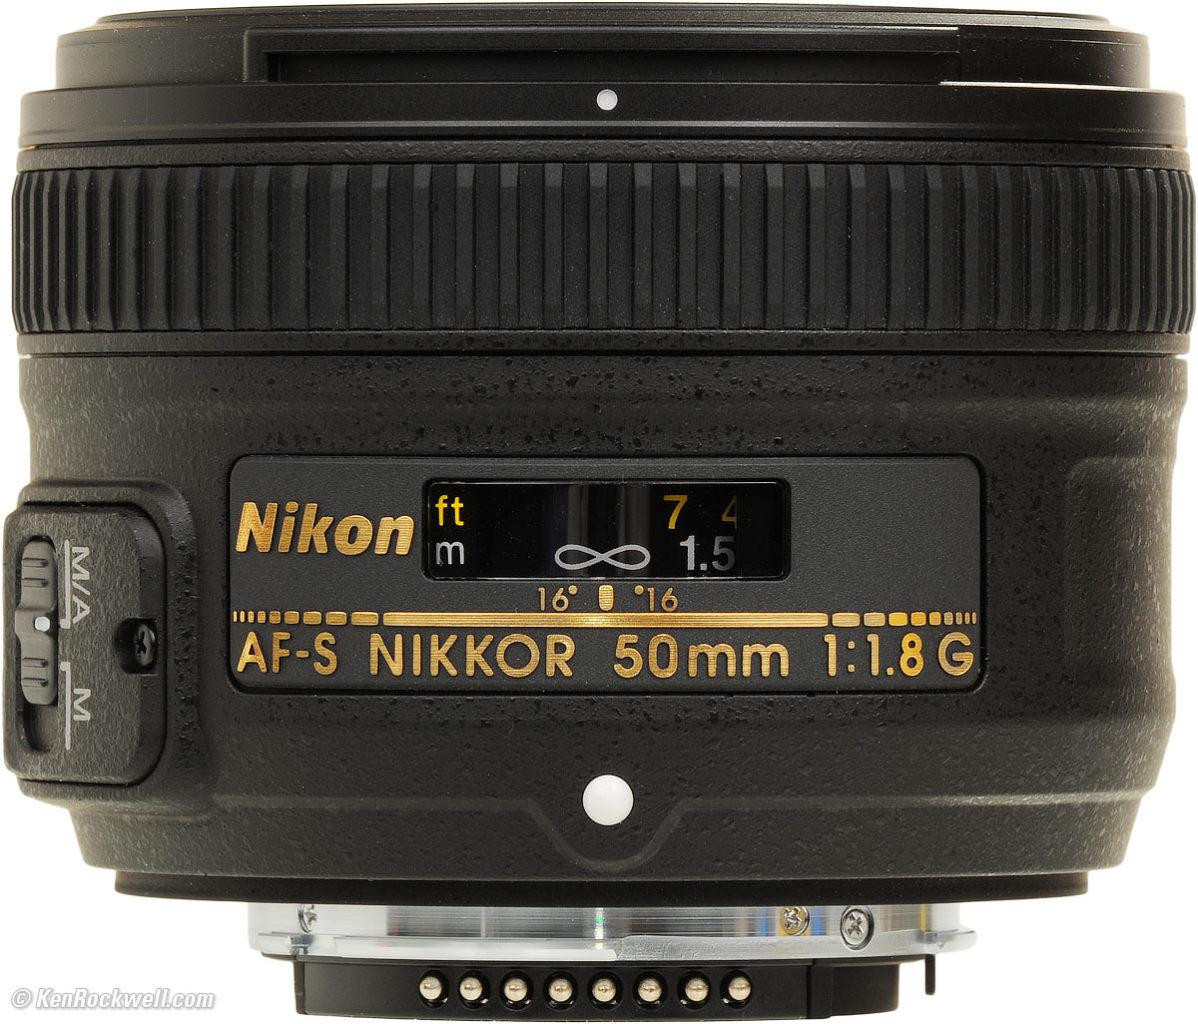 Nikon Festbrennweite AF S 50mm F/1,8 G, meine Erfahrungen.